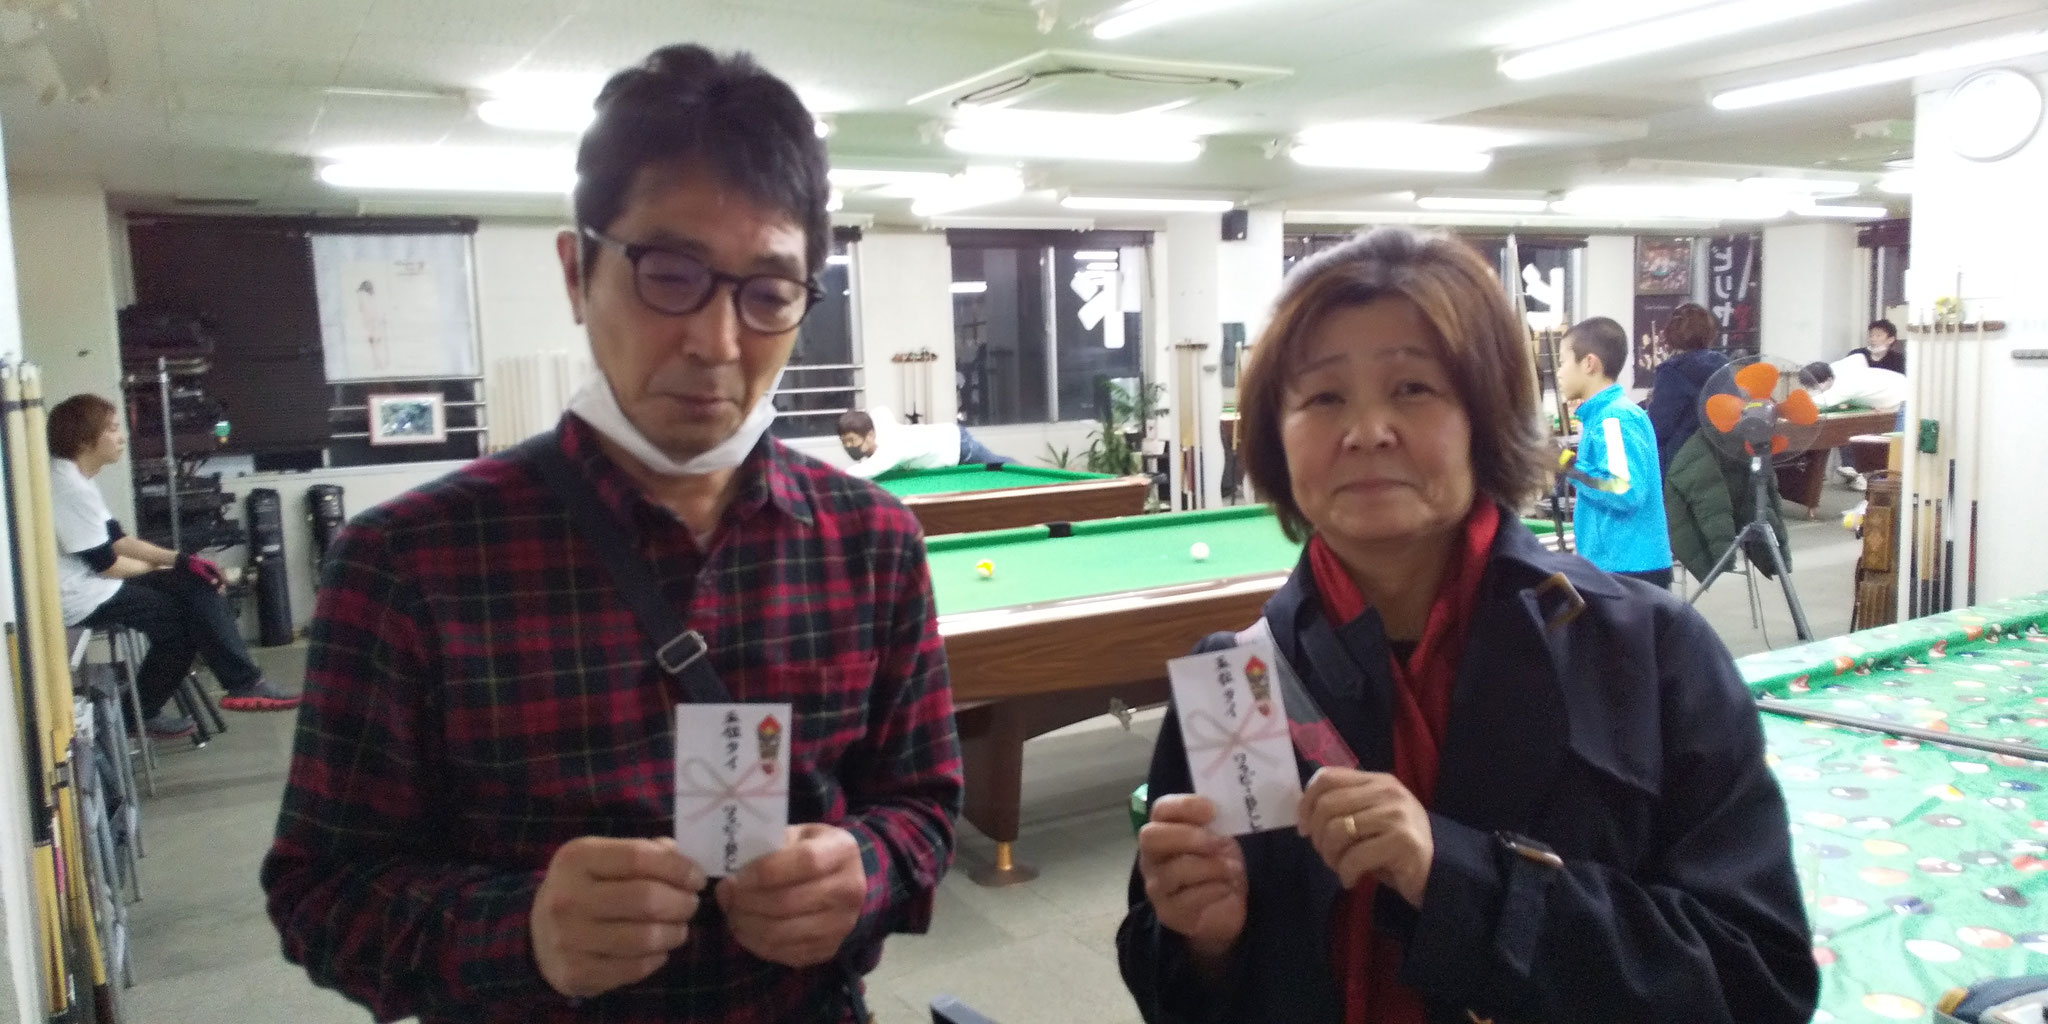 松木さん⑤とリツコさん⑤